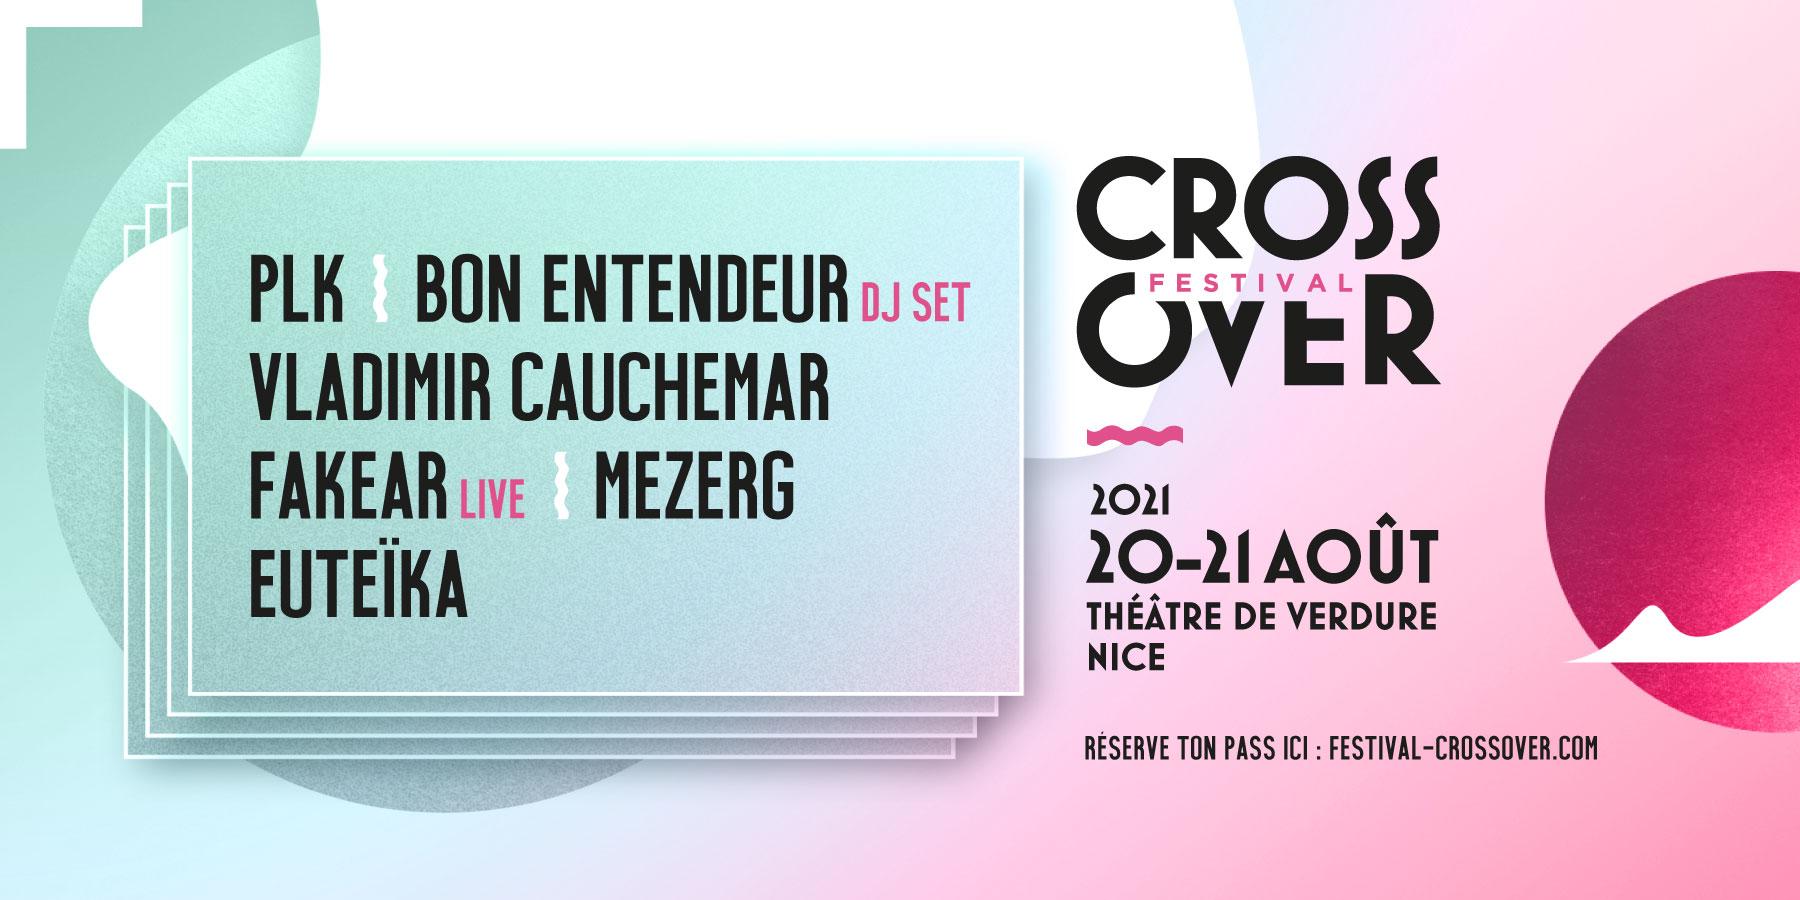 Crossover Festival 2021 @ TDV